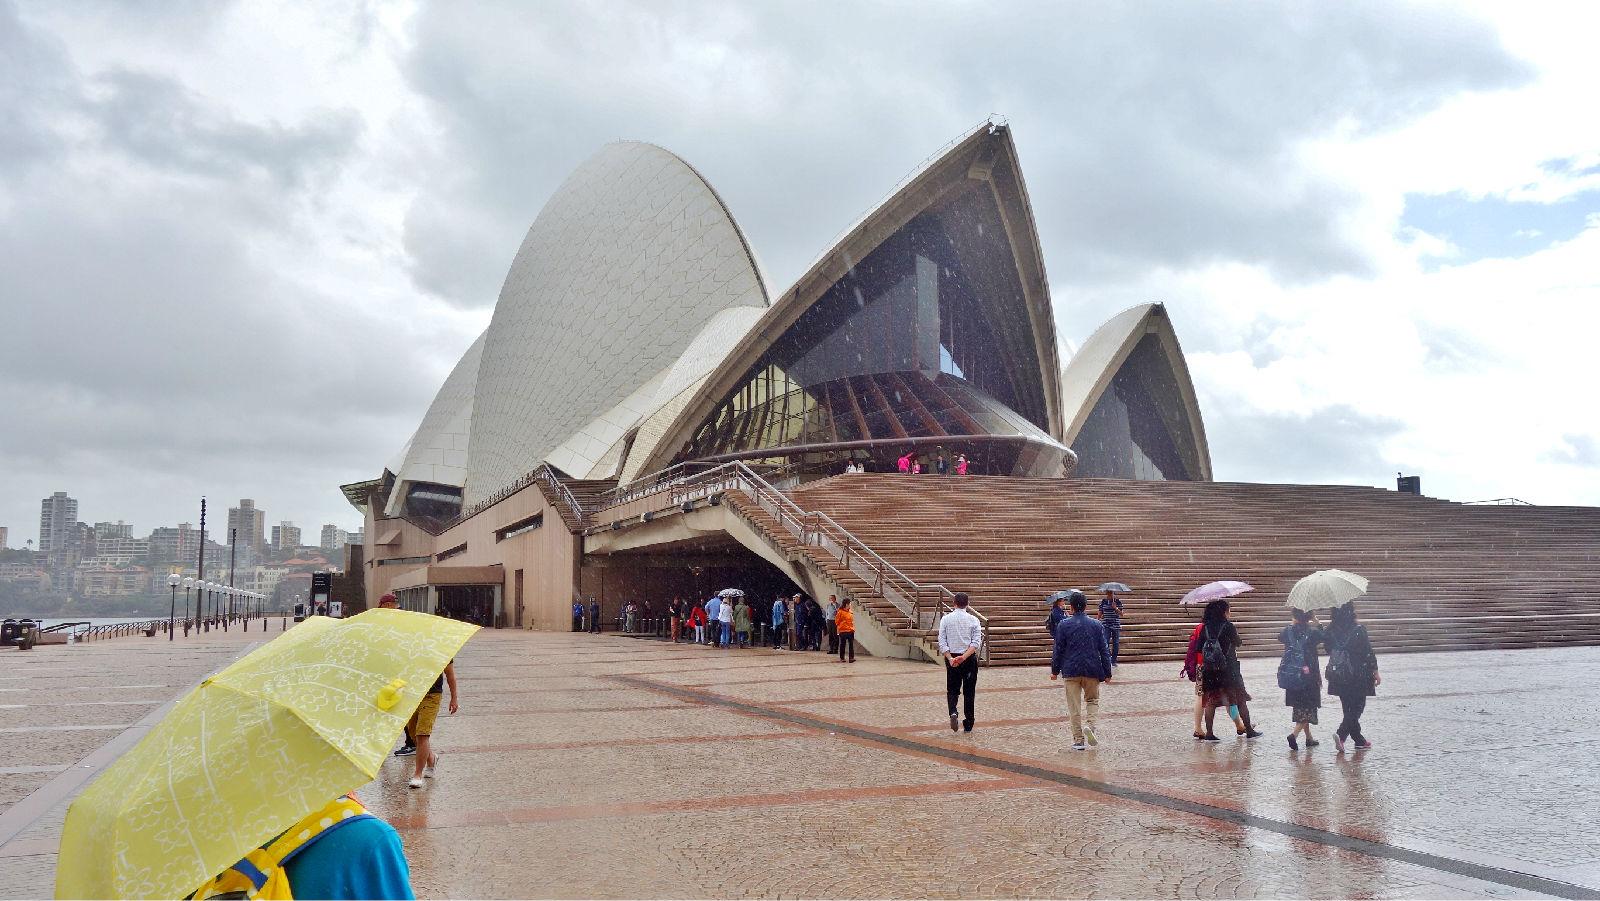 澳大利亚旅游攻略图片435